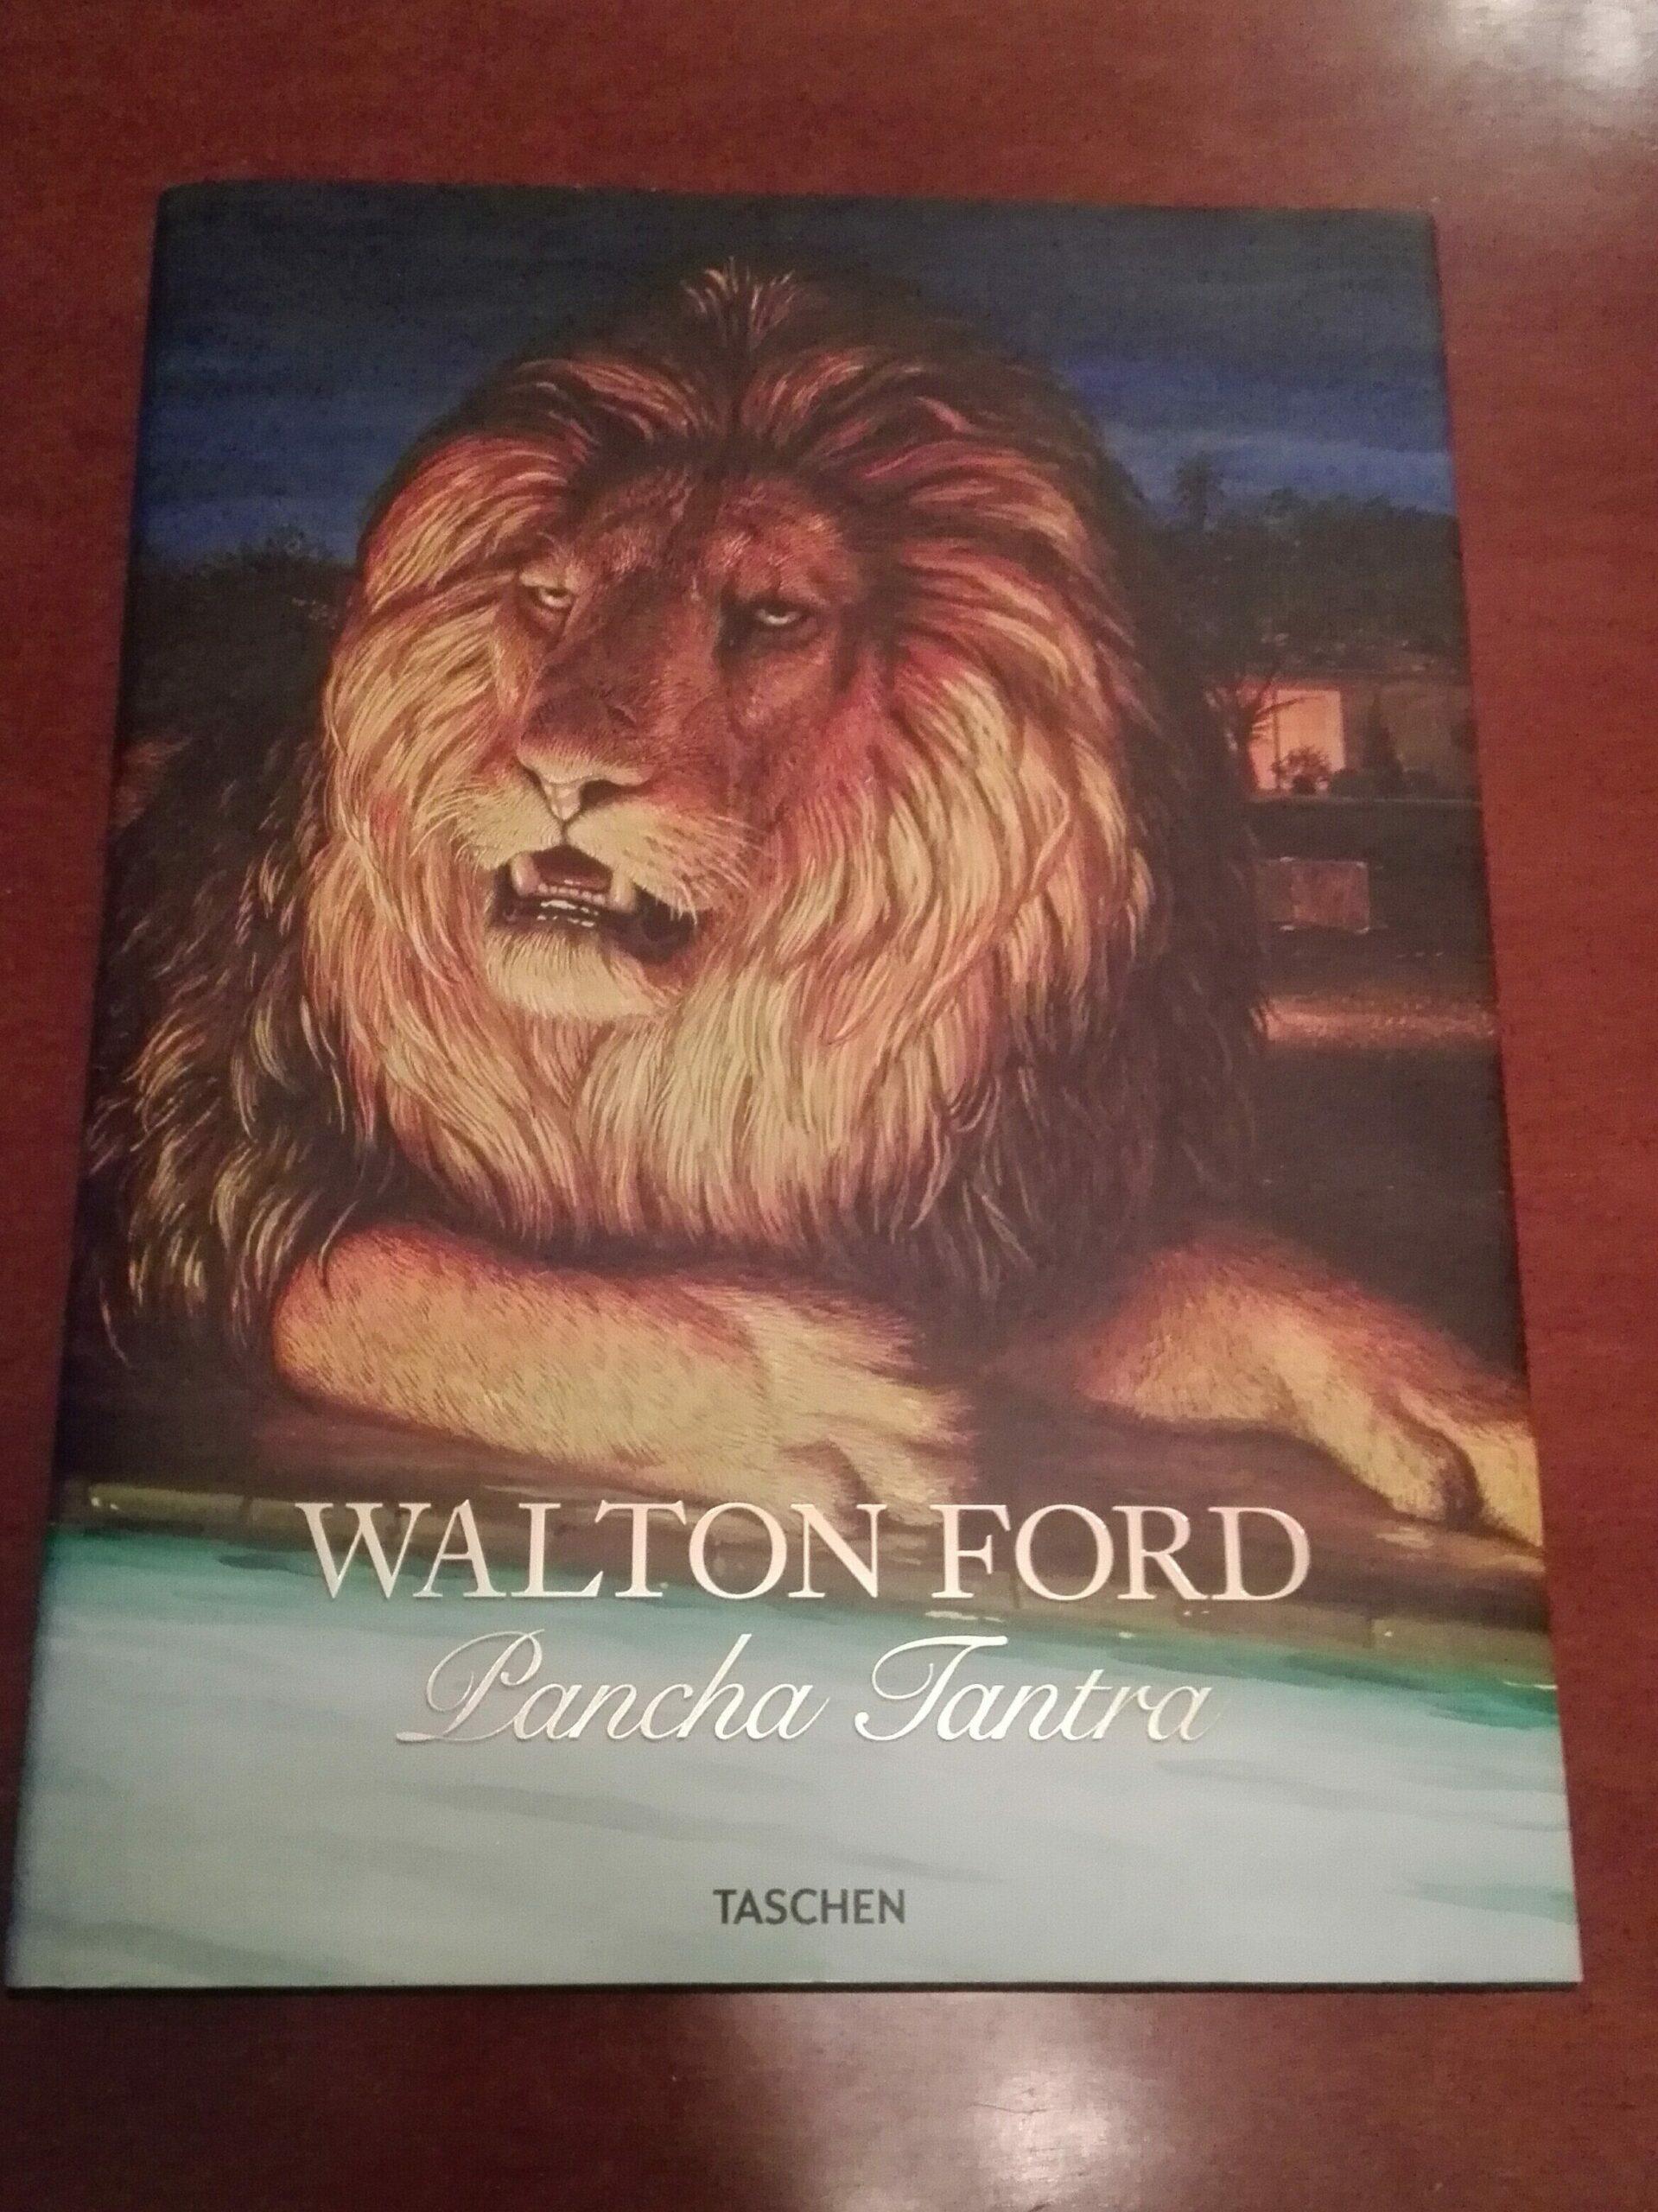 Omslaget til boka Pancha Tantra av Walton Ford. Bildet viser et maleri av en løve.